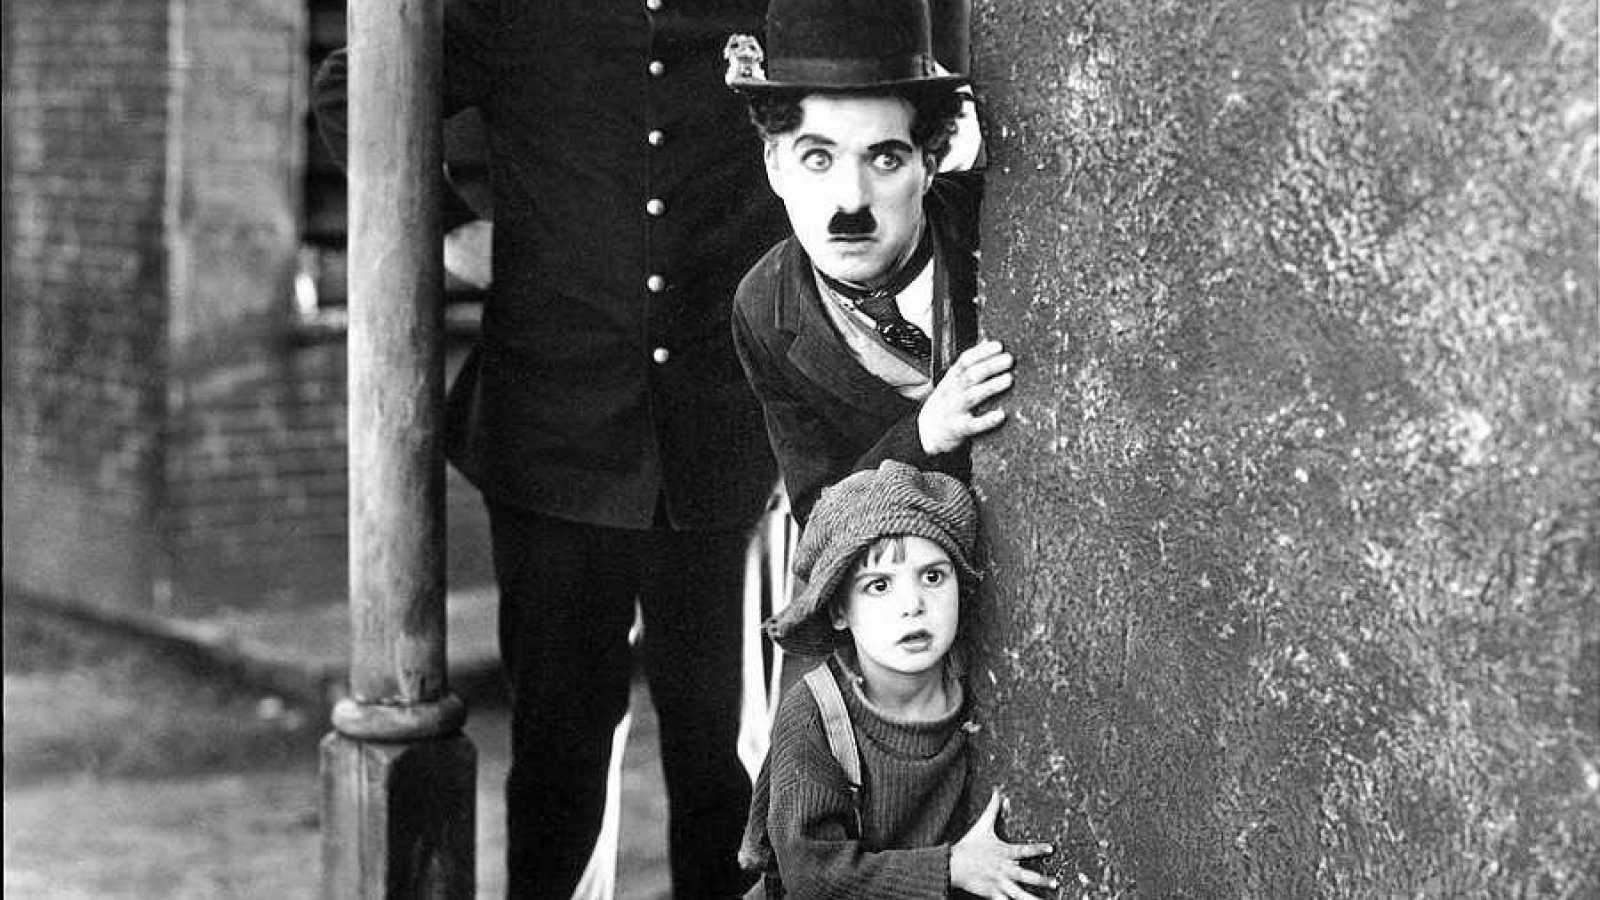 'El chico', de Chaplin, vuelve a los cines por su centenario